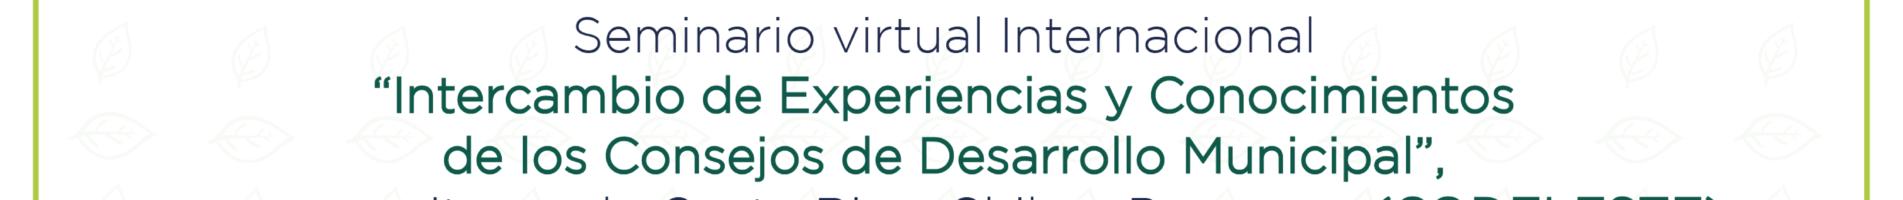 Invitan a seminario virtual sobre experiencias y conocimientos de Consejos de Desarrollo Municipal